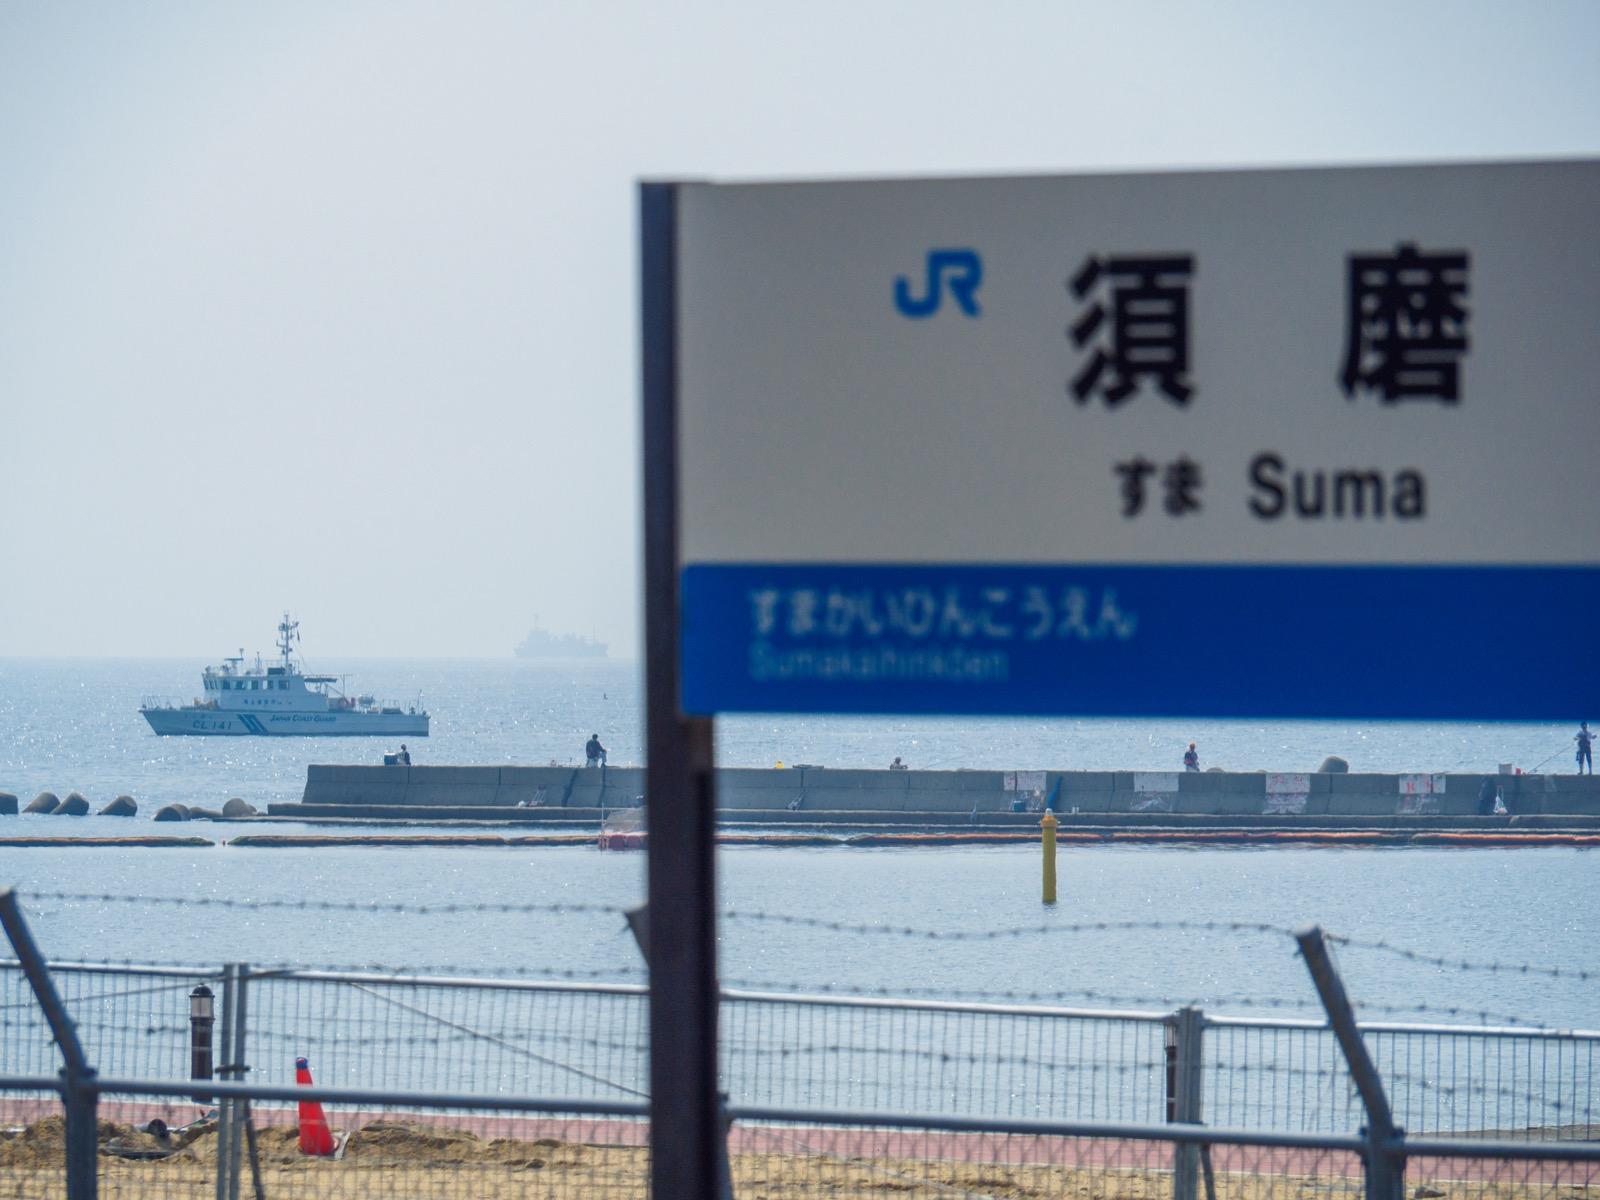 須磨駅から見た、大阪湾を行き交う船